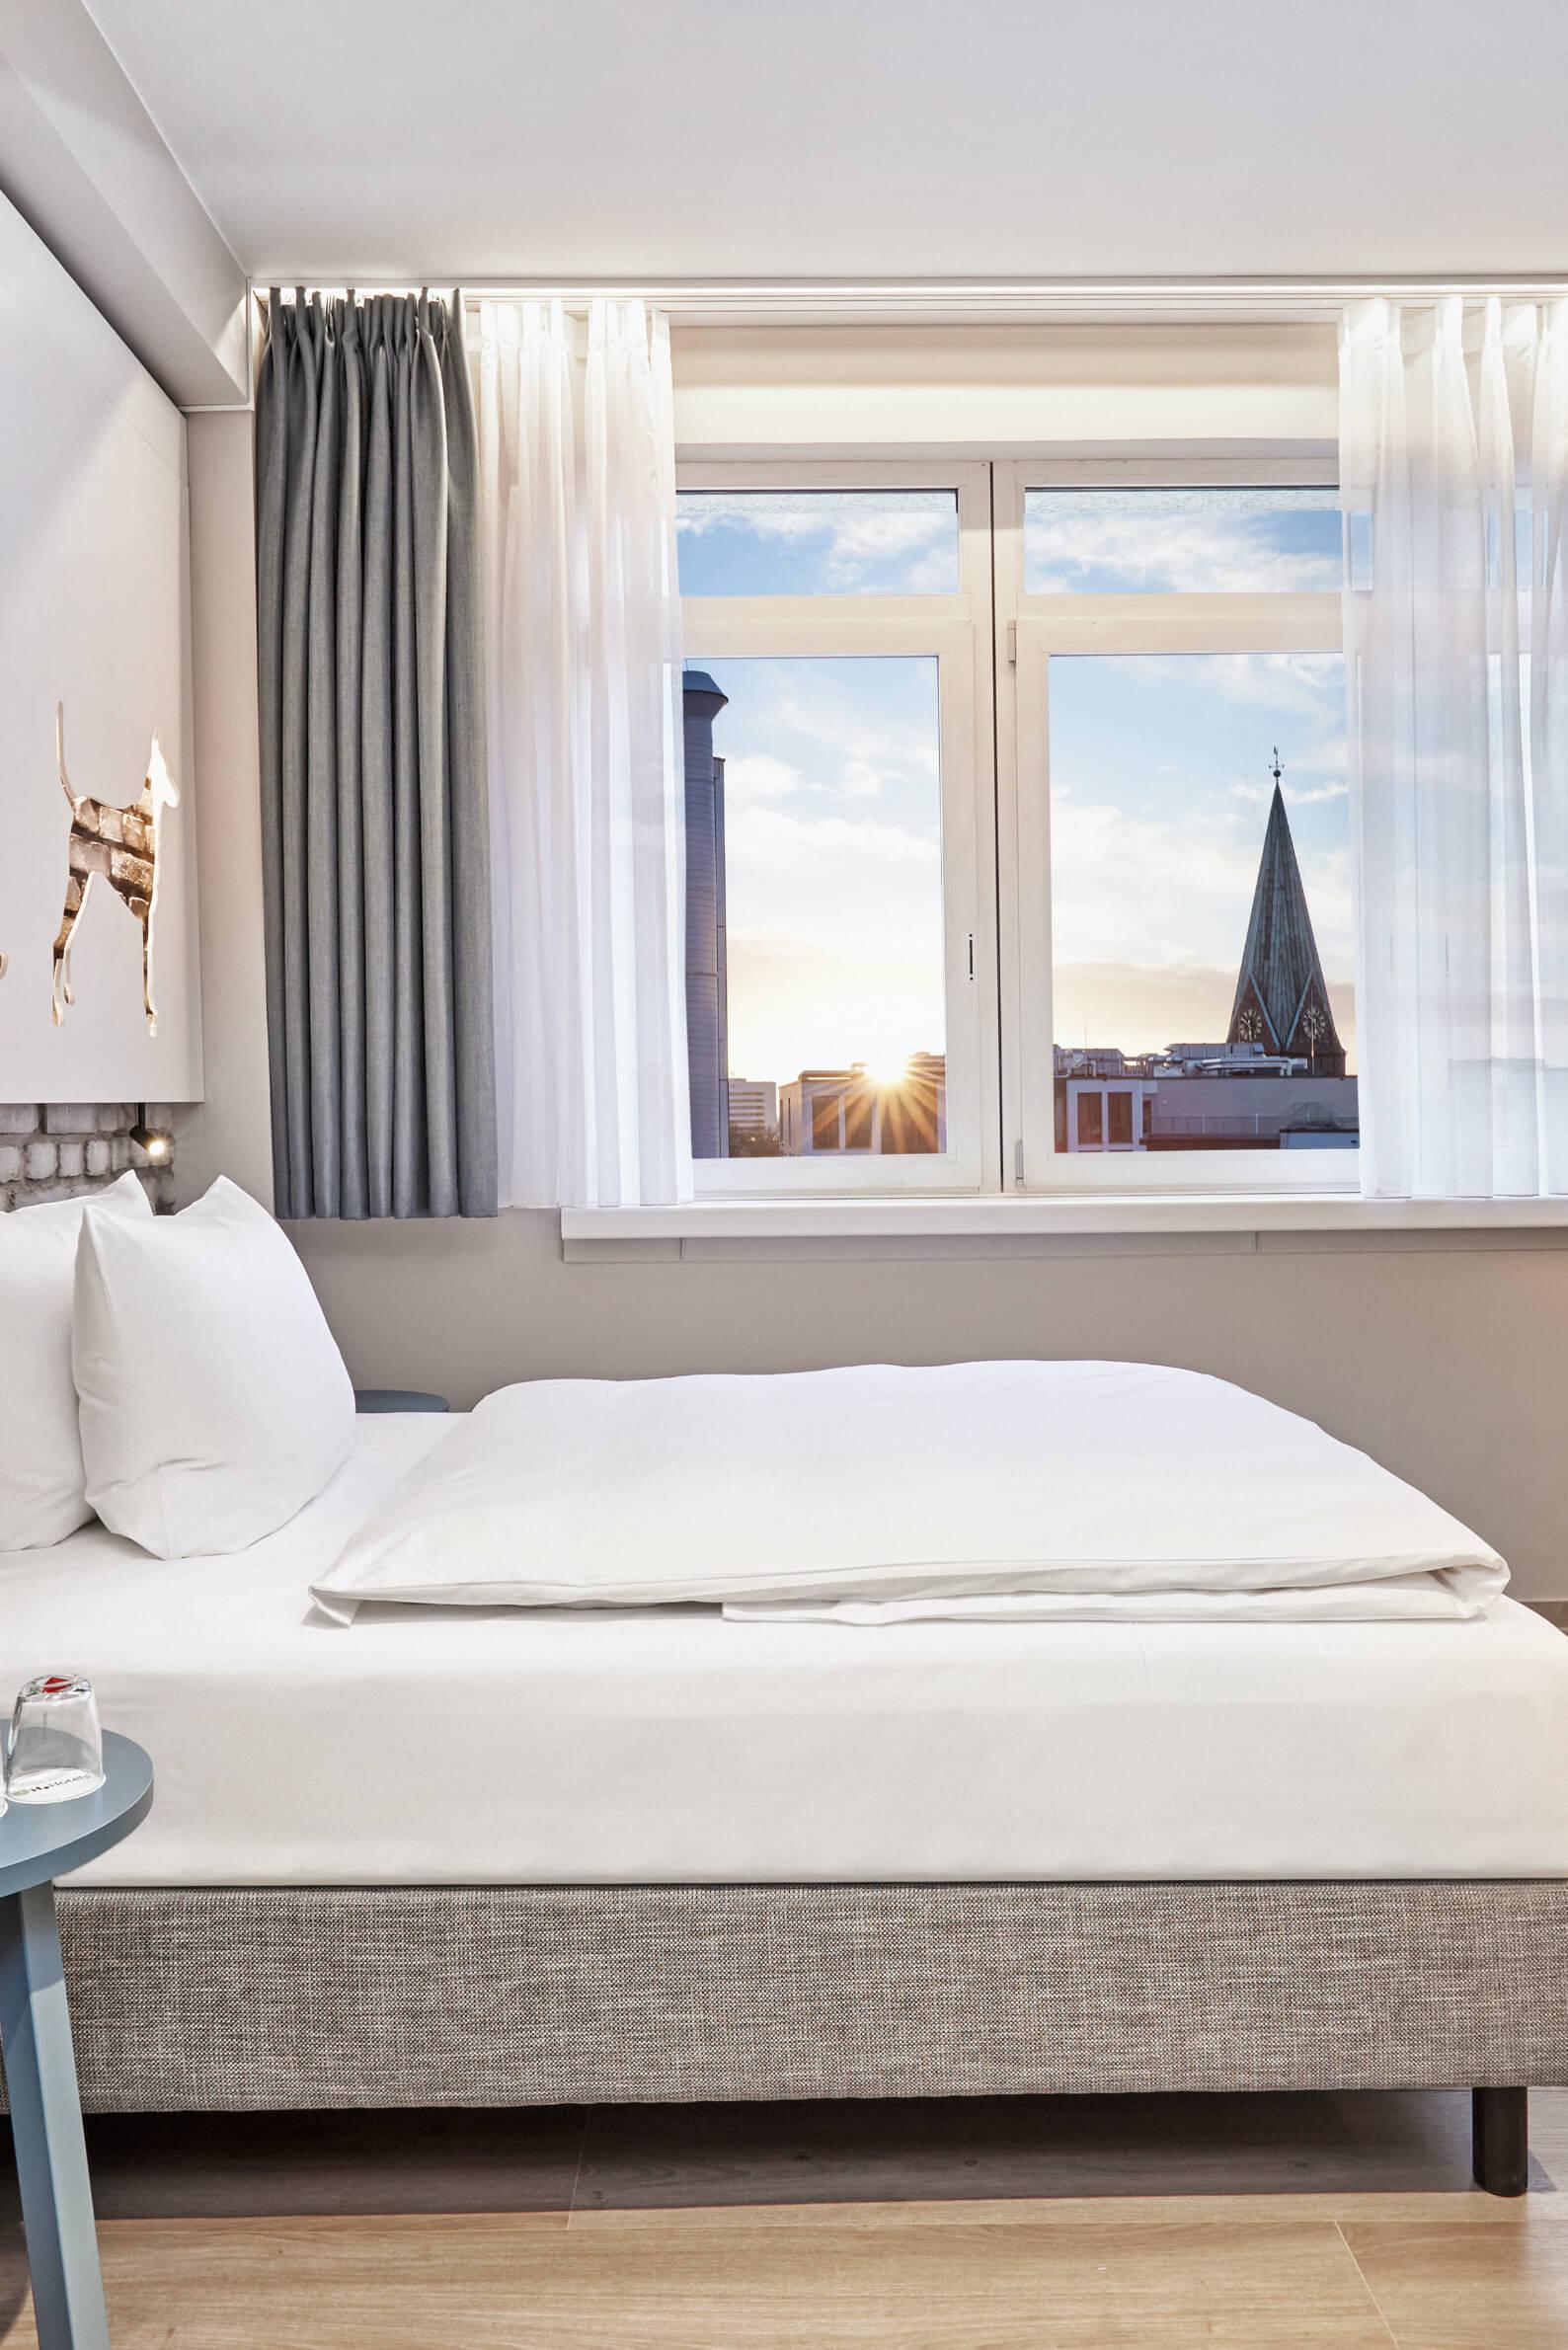 h-hotels_zimmer-komfort-queenzimmer-01-hplus-hotel-bremen_Original-kommerz.-Nutzung-_34a4e0fa@2x